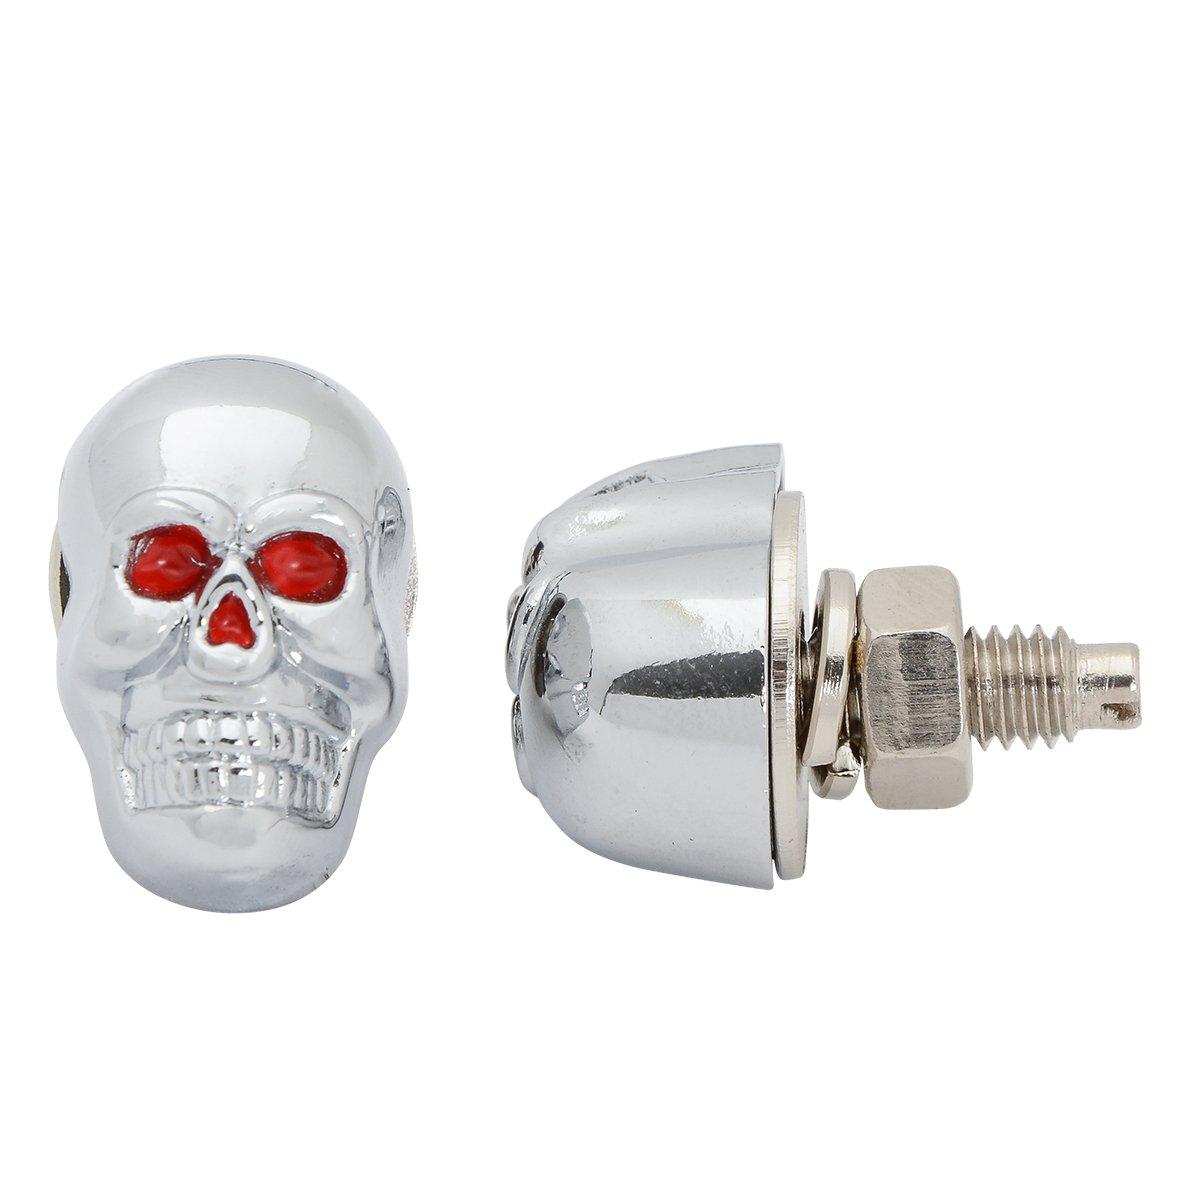 Grand General 50550 Chrome Skull License Plate Fastener